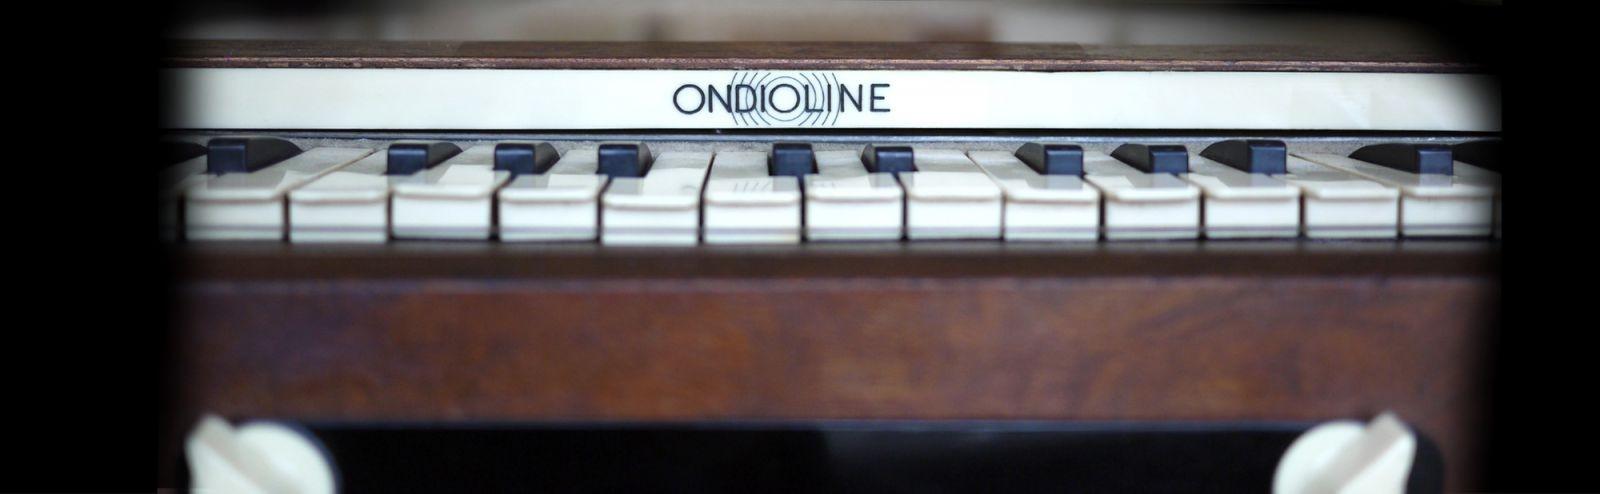 Ondioline Instrument